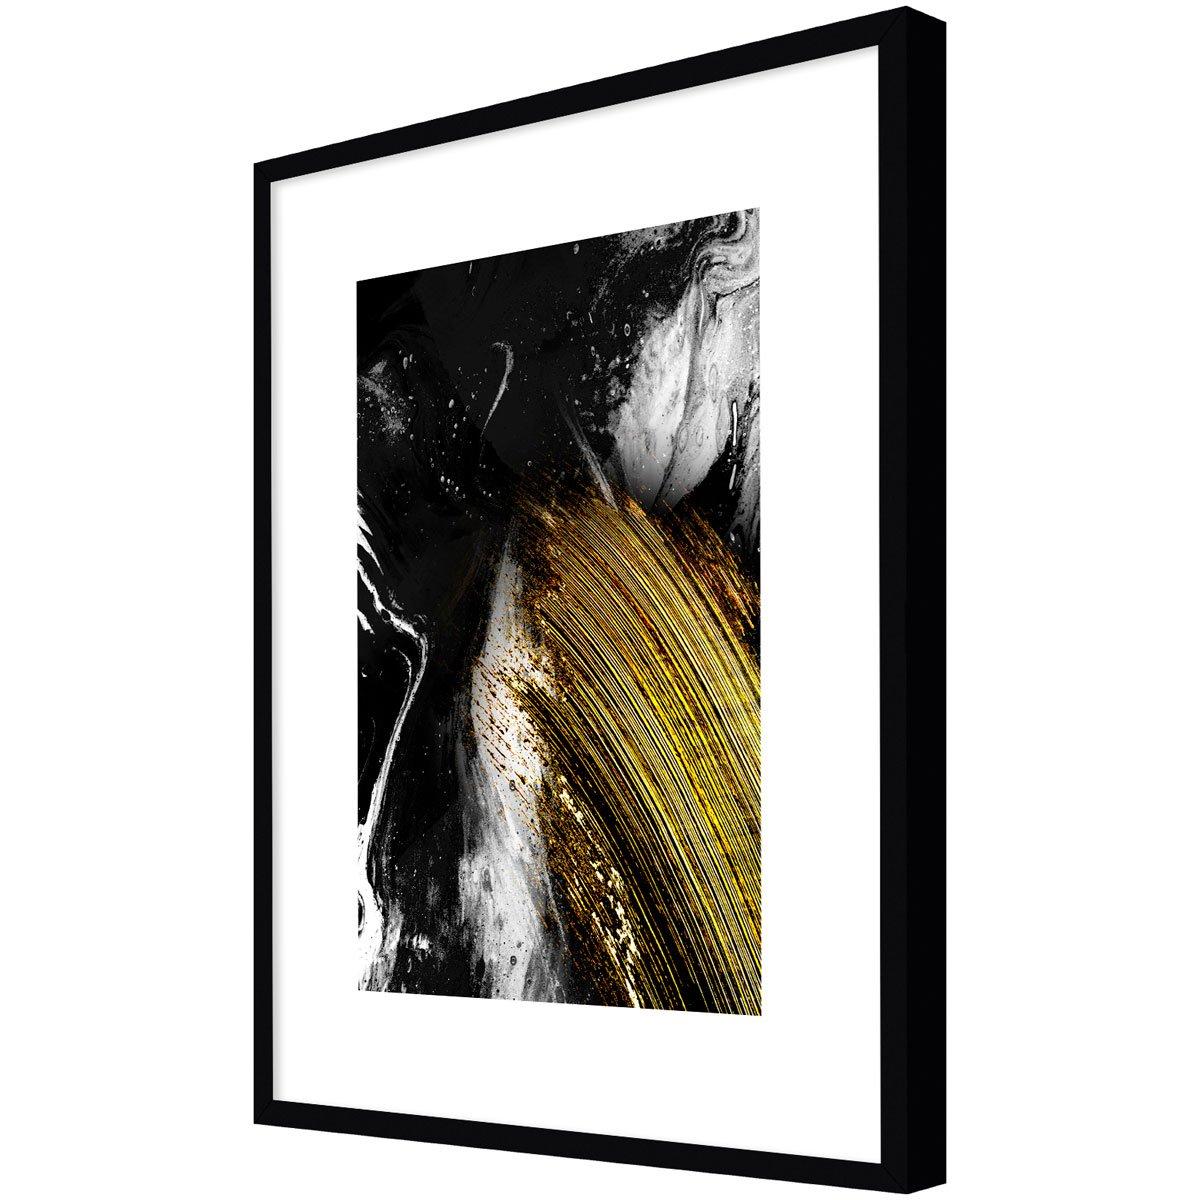 Quadro Desenho Abstrato Decór Preto Branco e Dourado 90x120cm